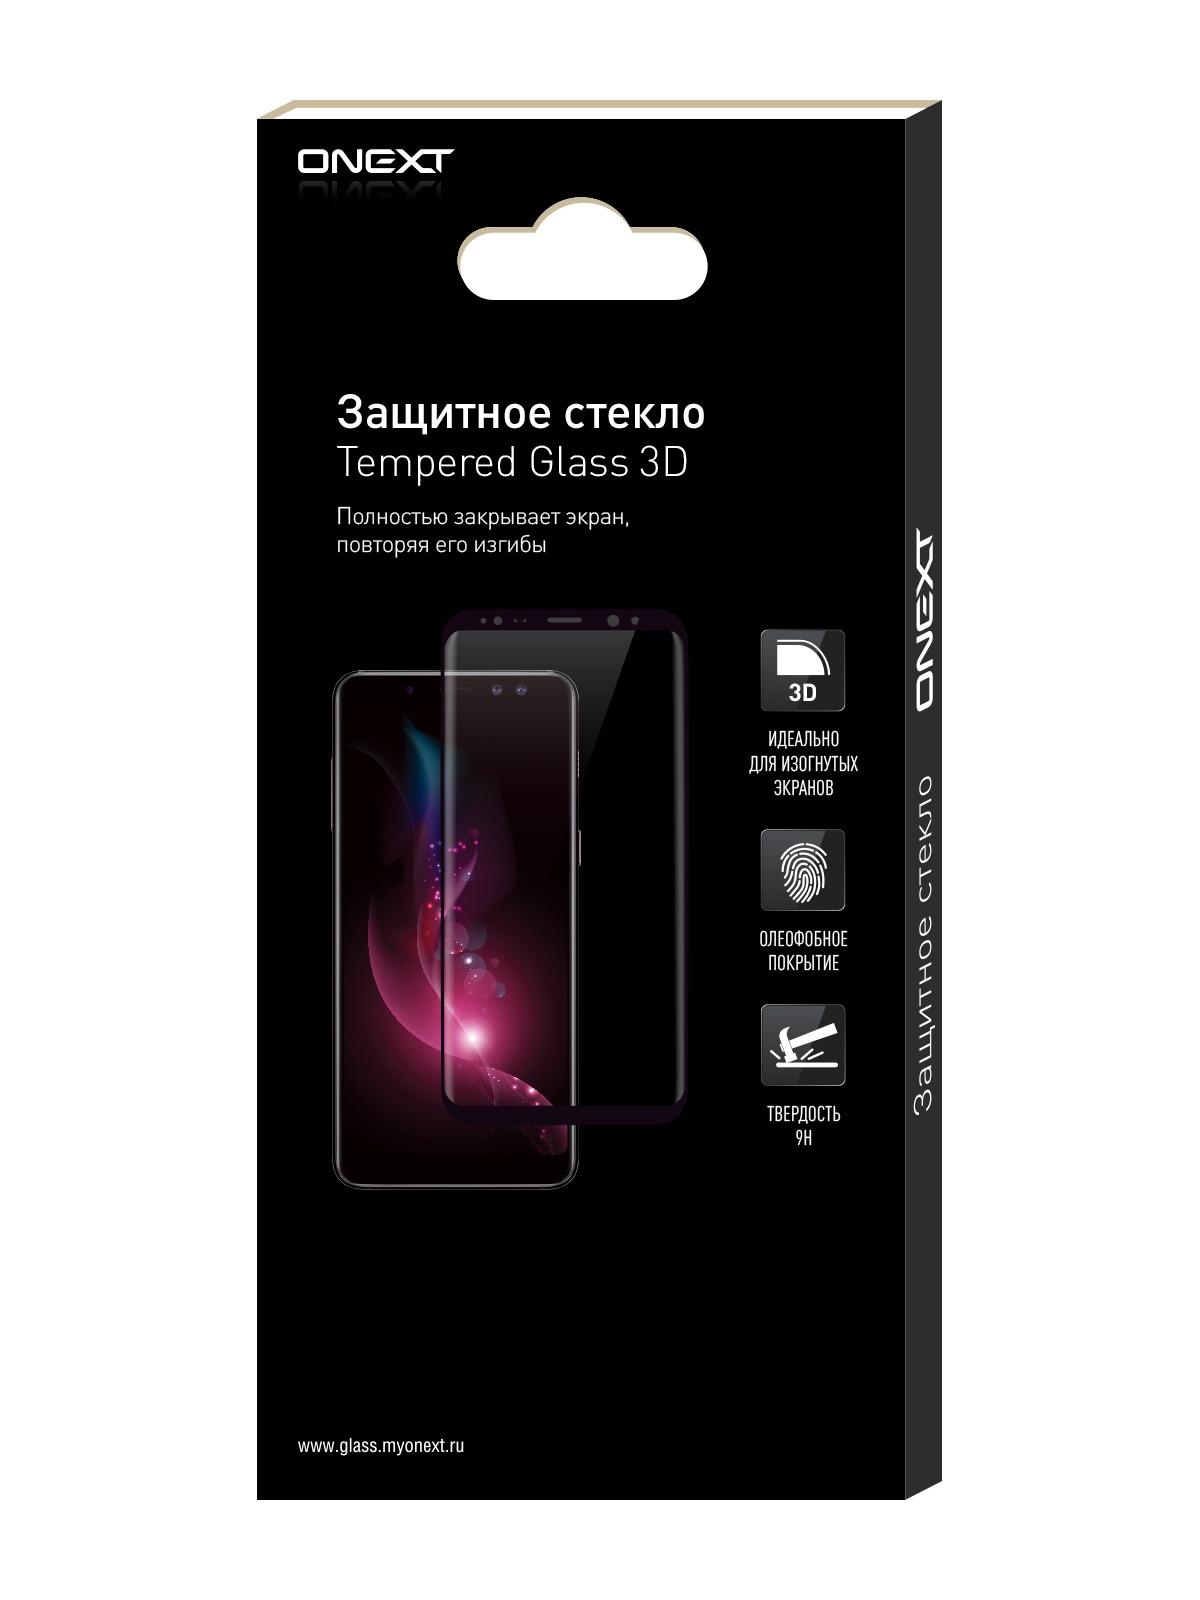 Защитное стекло ONEXT Huawei Mate 10 Lite (2018) 3D